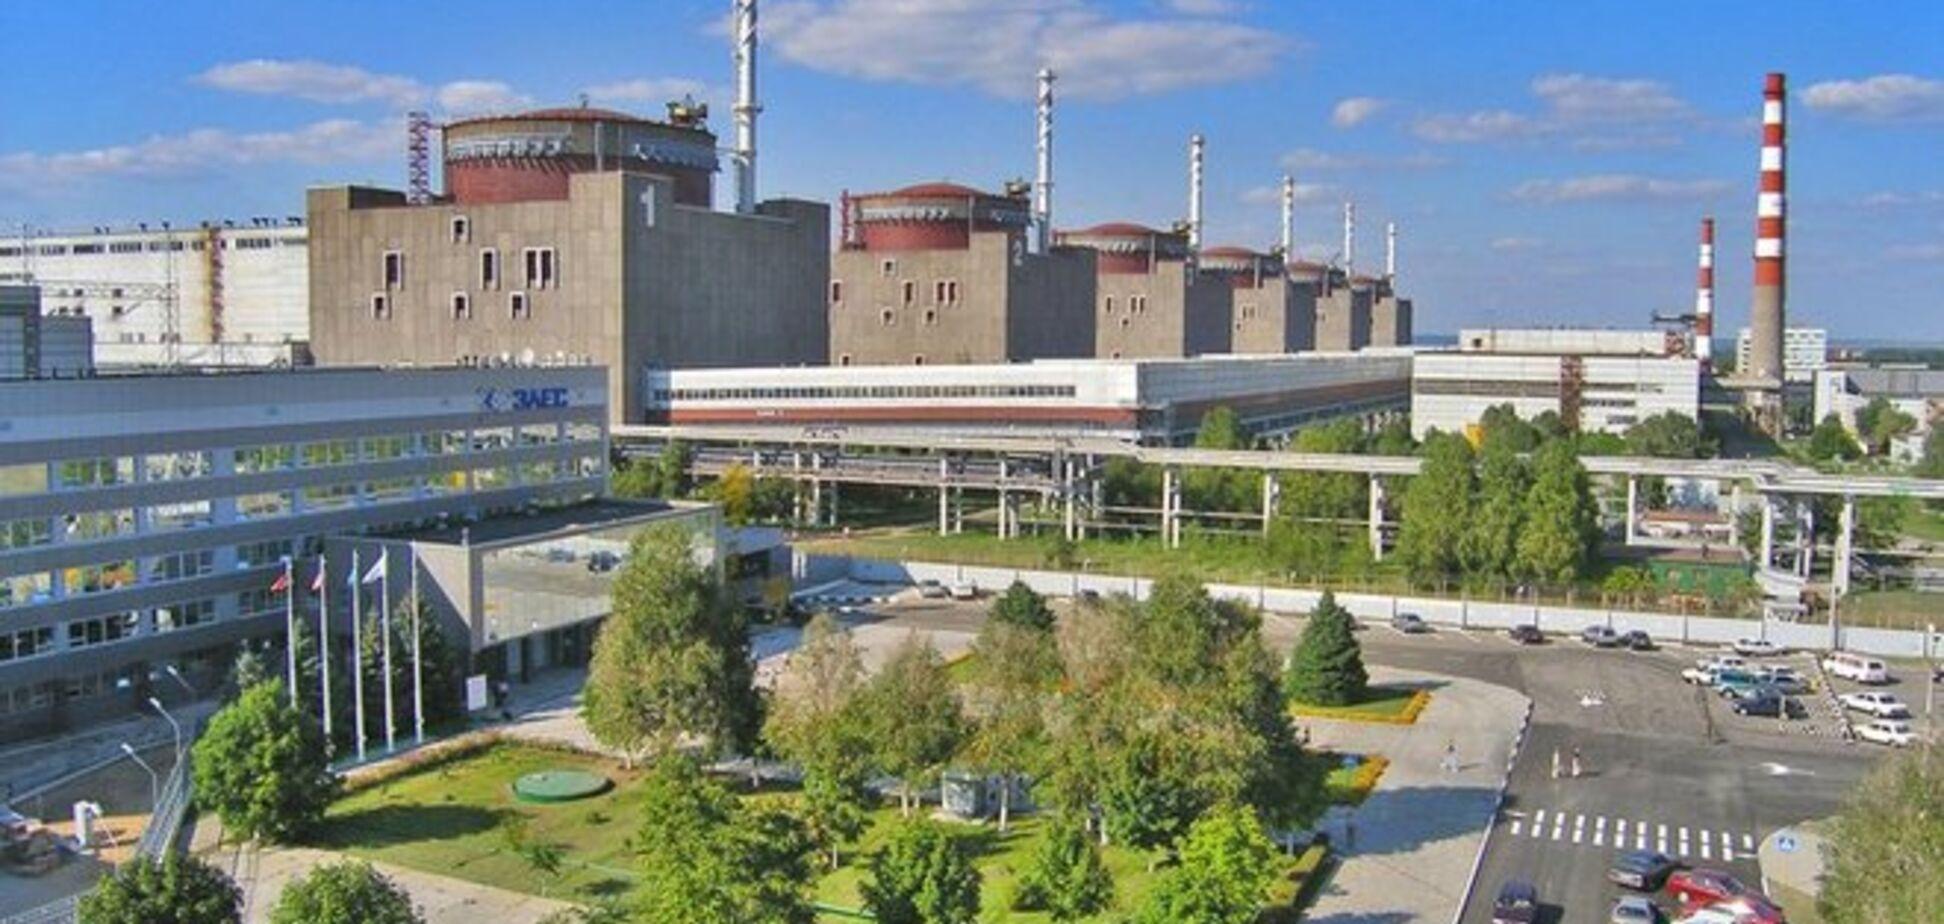 Зимой более чем на три месяца остановятся сразу три энергоблока Запорожской АЭС